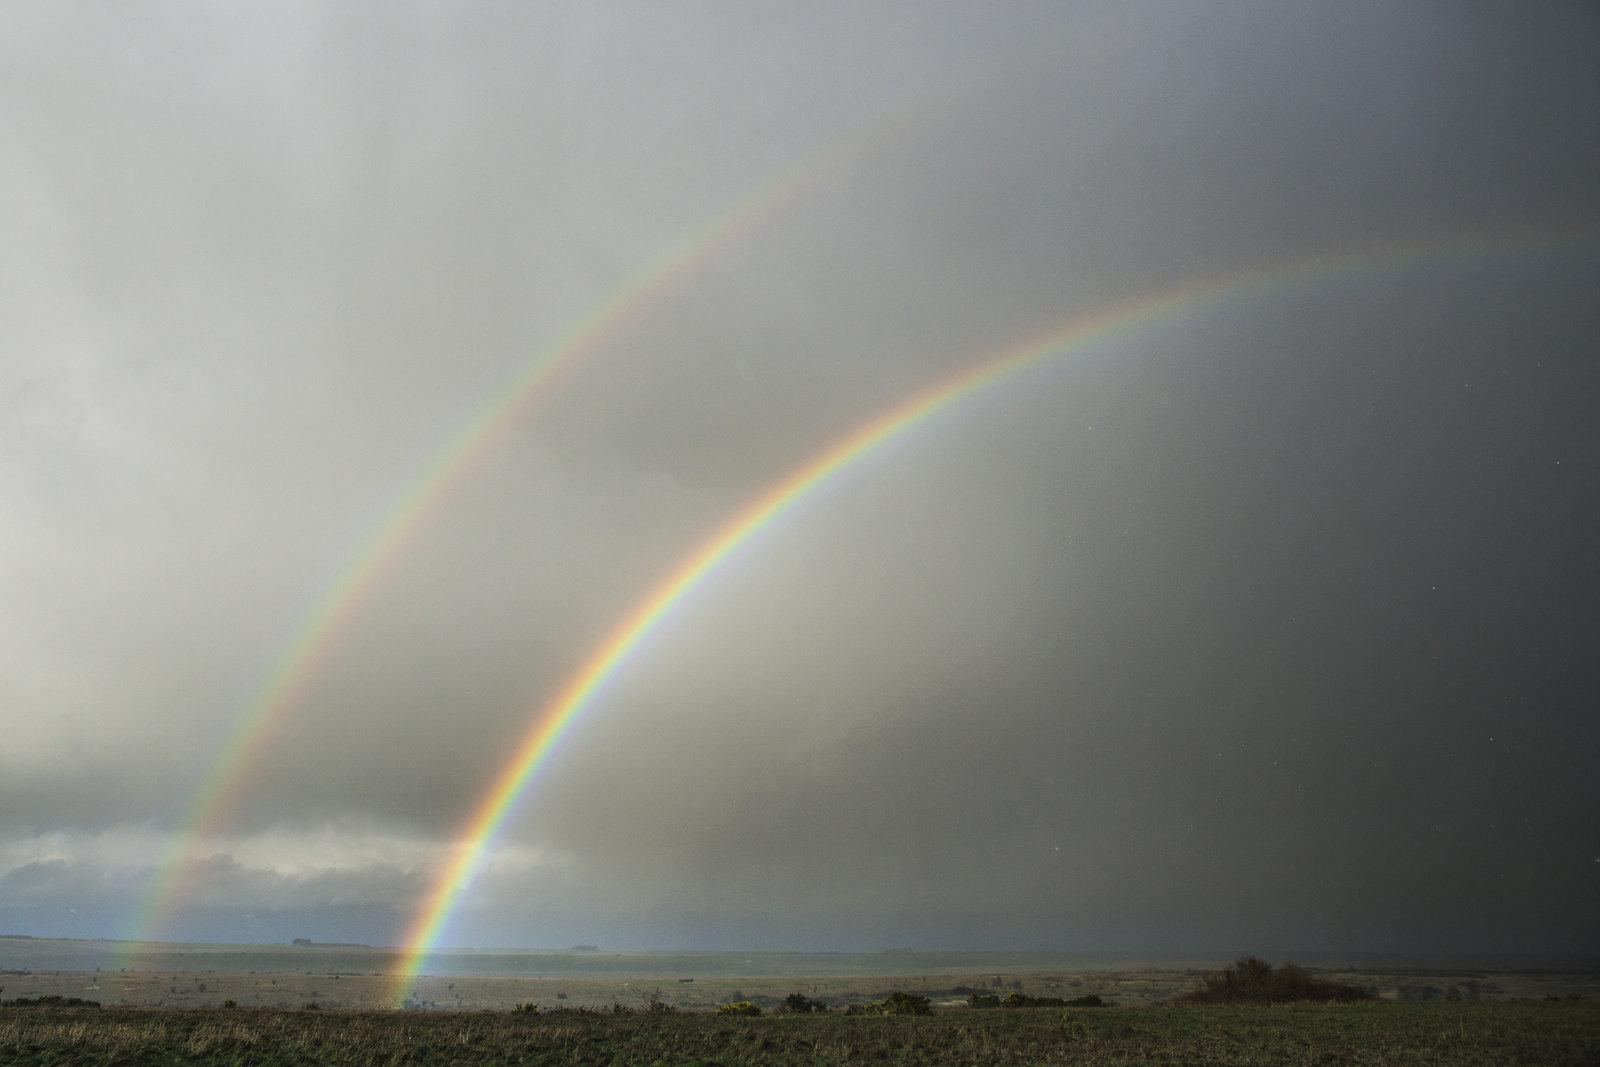 Double Rainbow Over the Plain